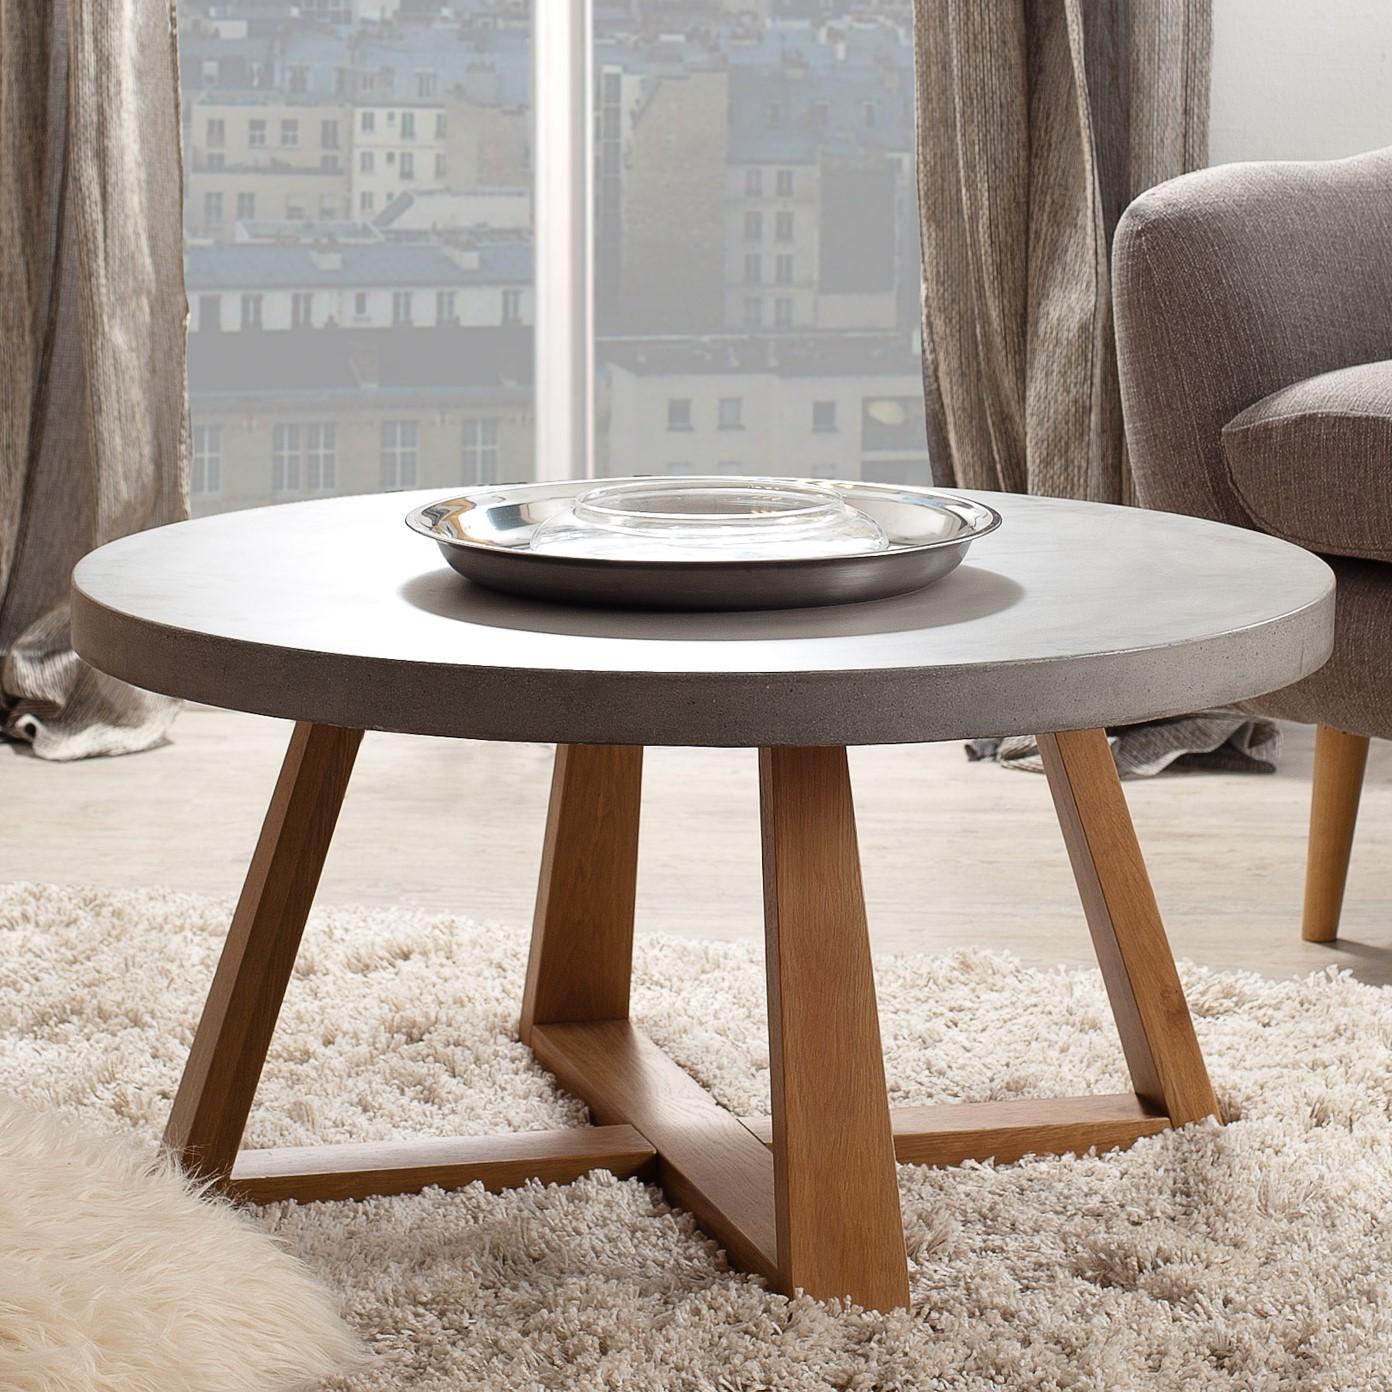 Table Basse Ronde Chene Et Beton D91 Ferrer Tables Basses Pier